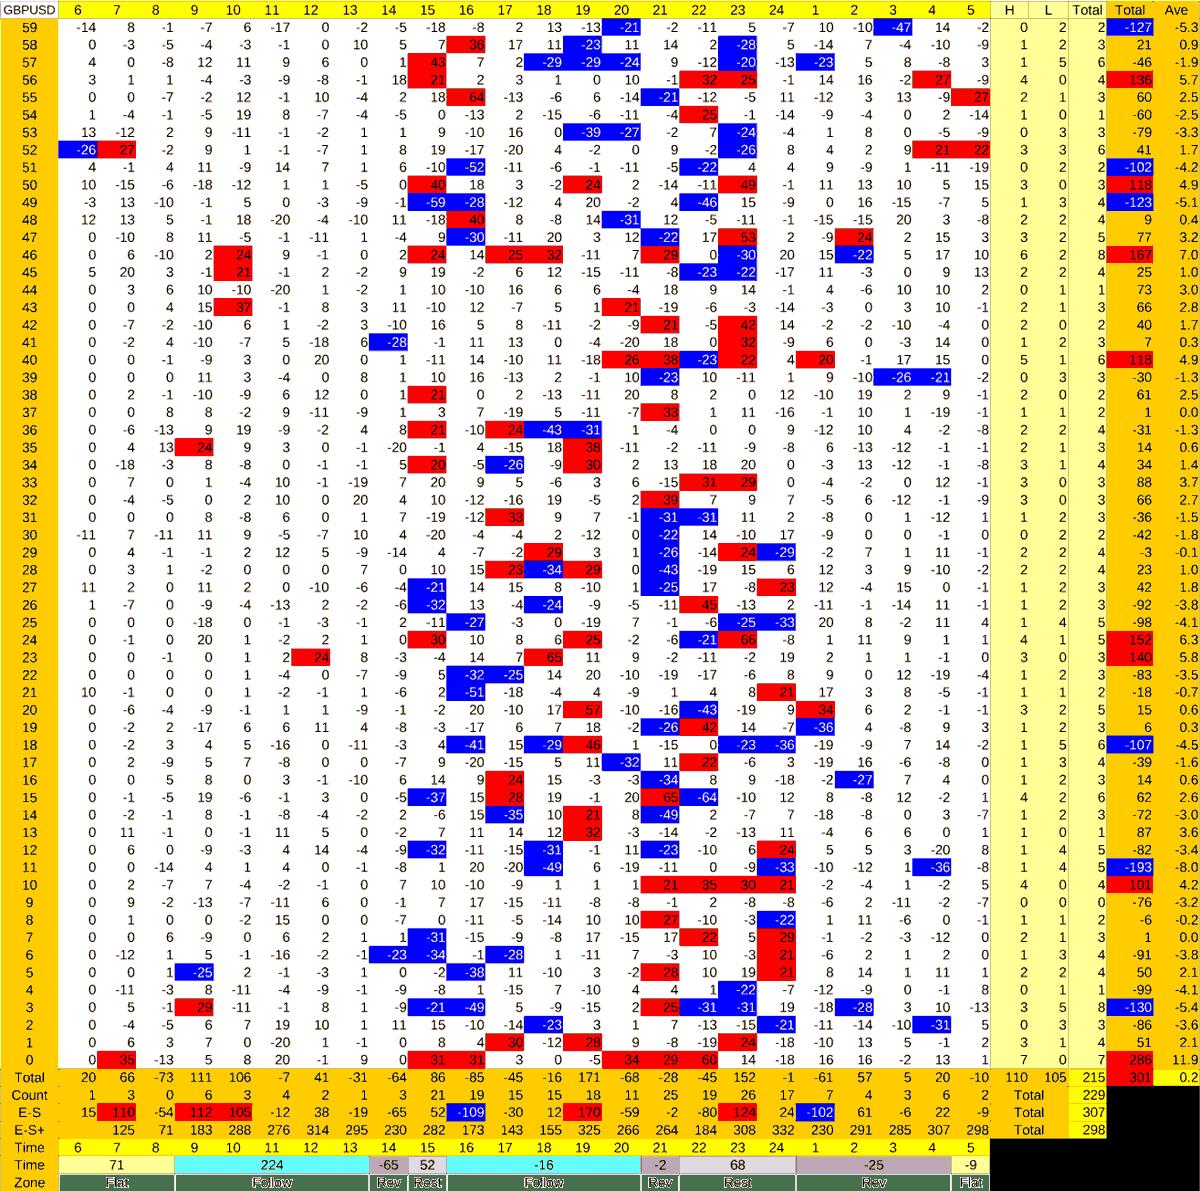 20210505_HS(2)GBPUSD